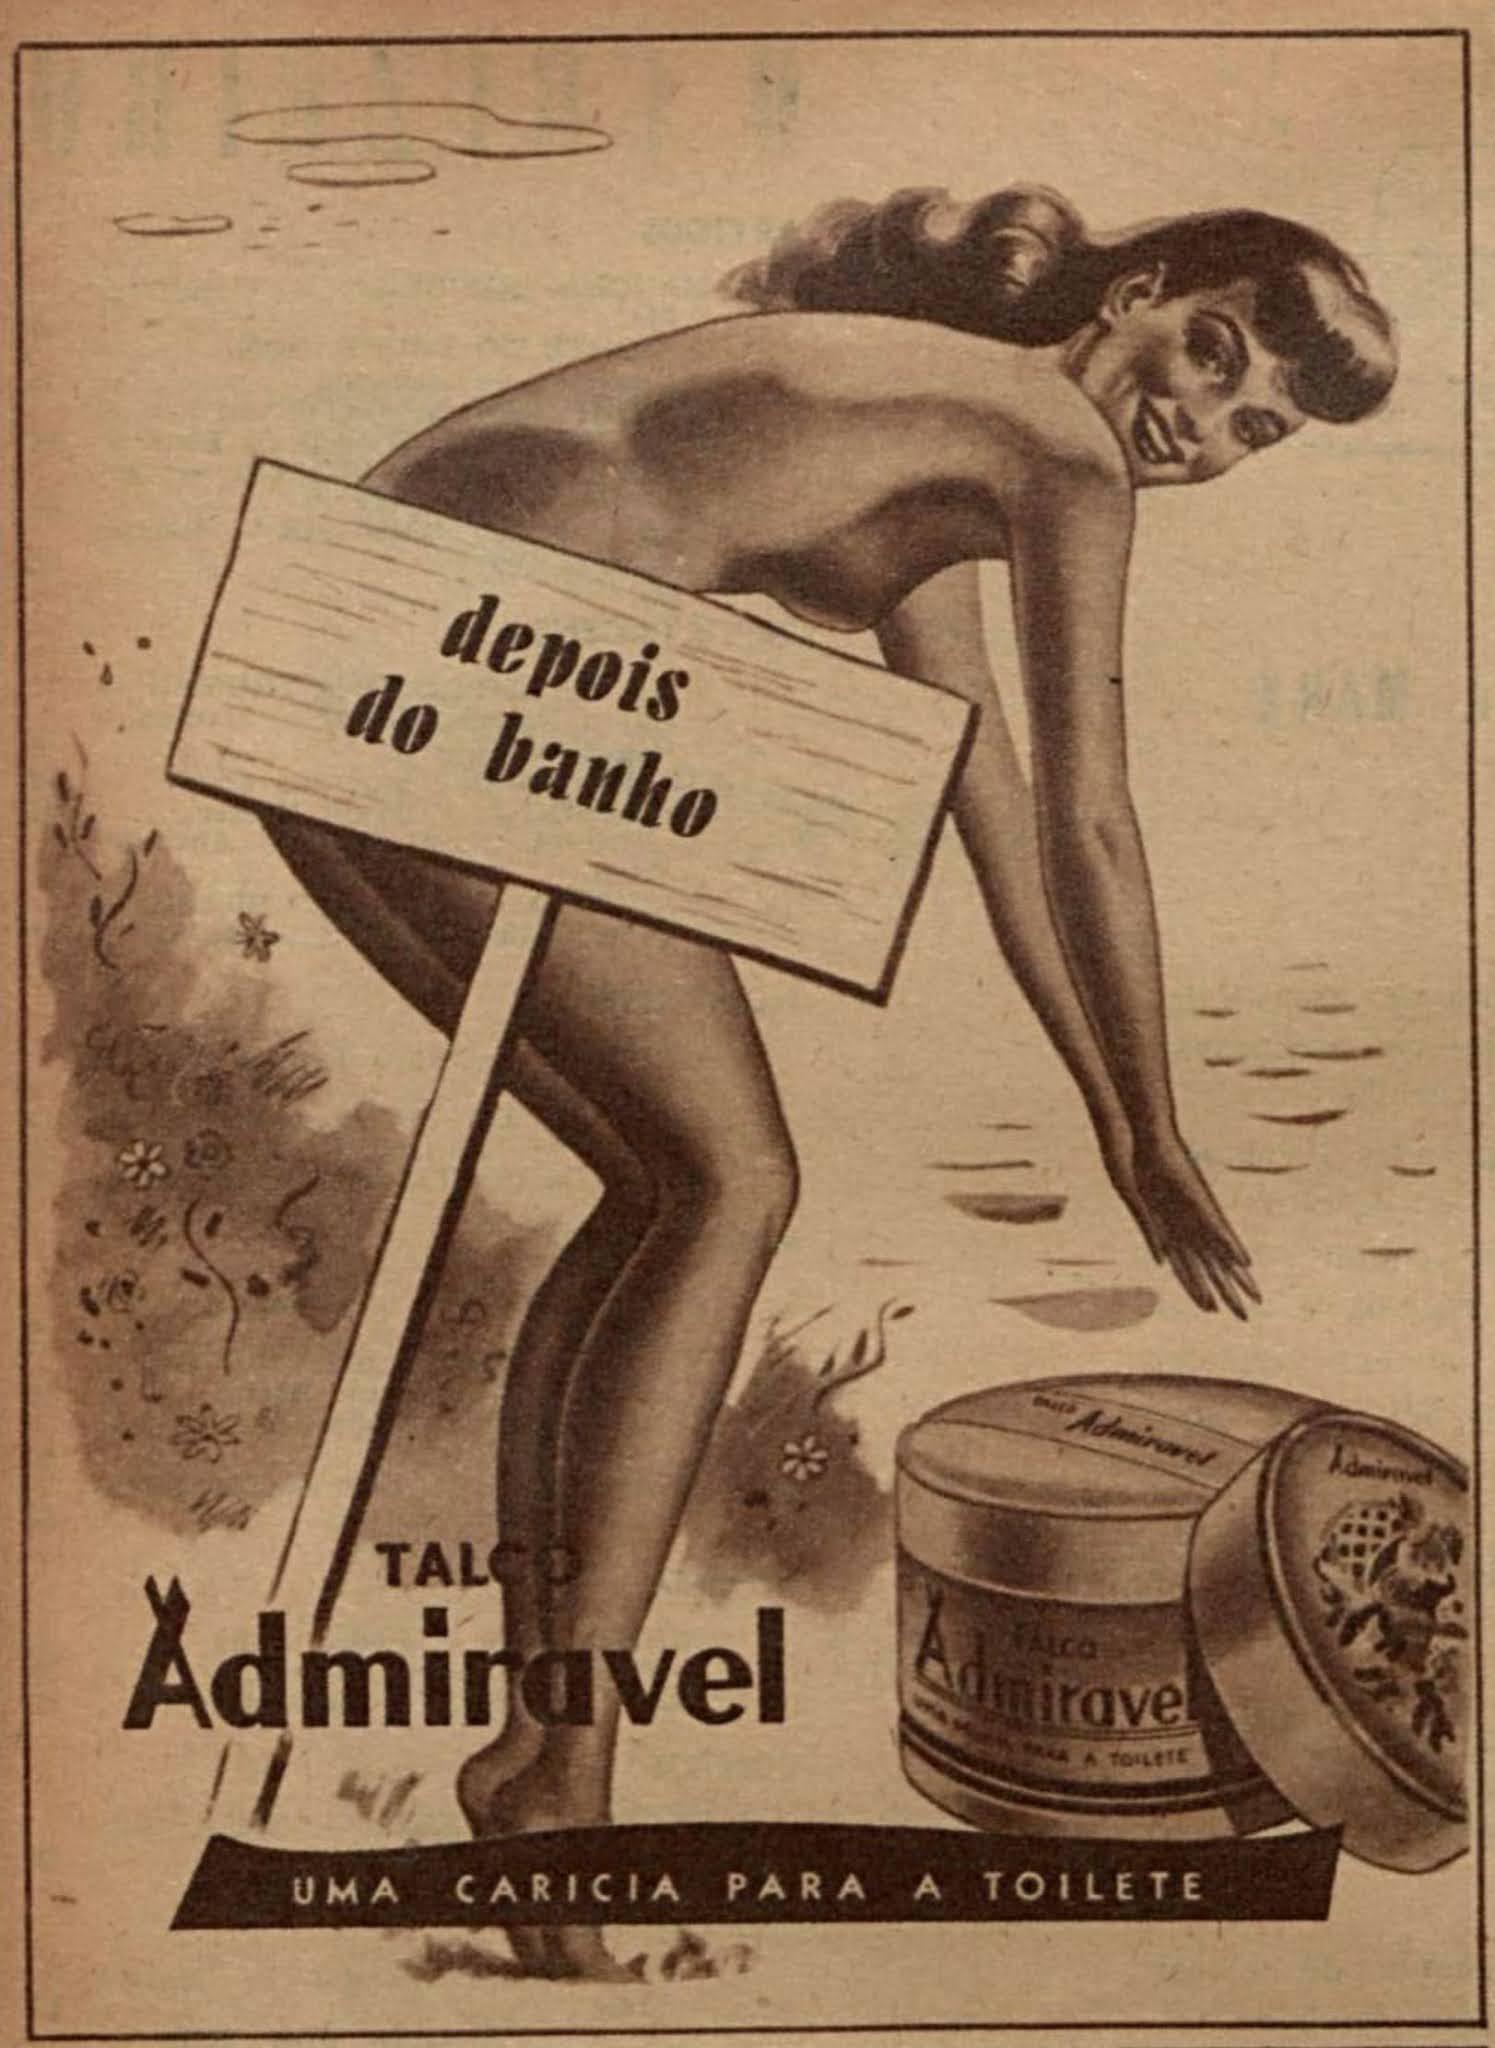 Anúncio antigo do Talco Admirável em 1947 para uso após o banho